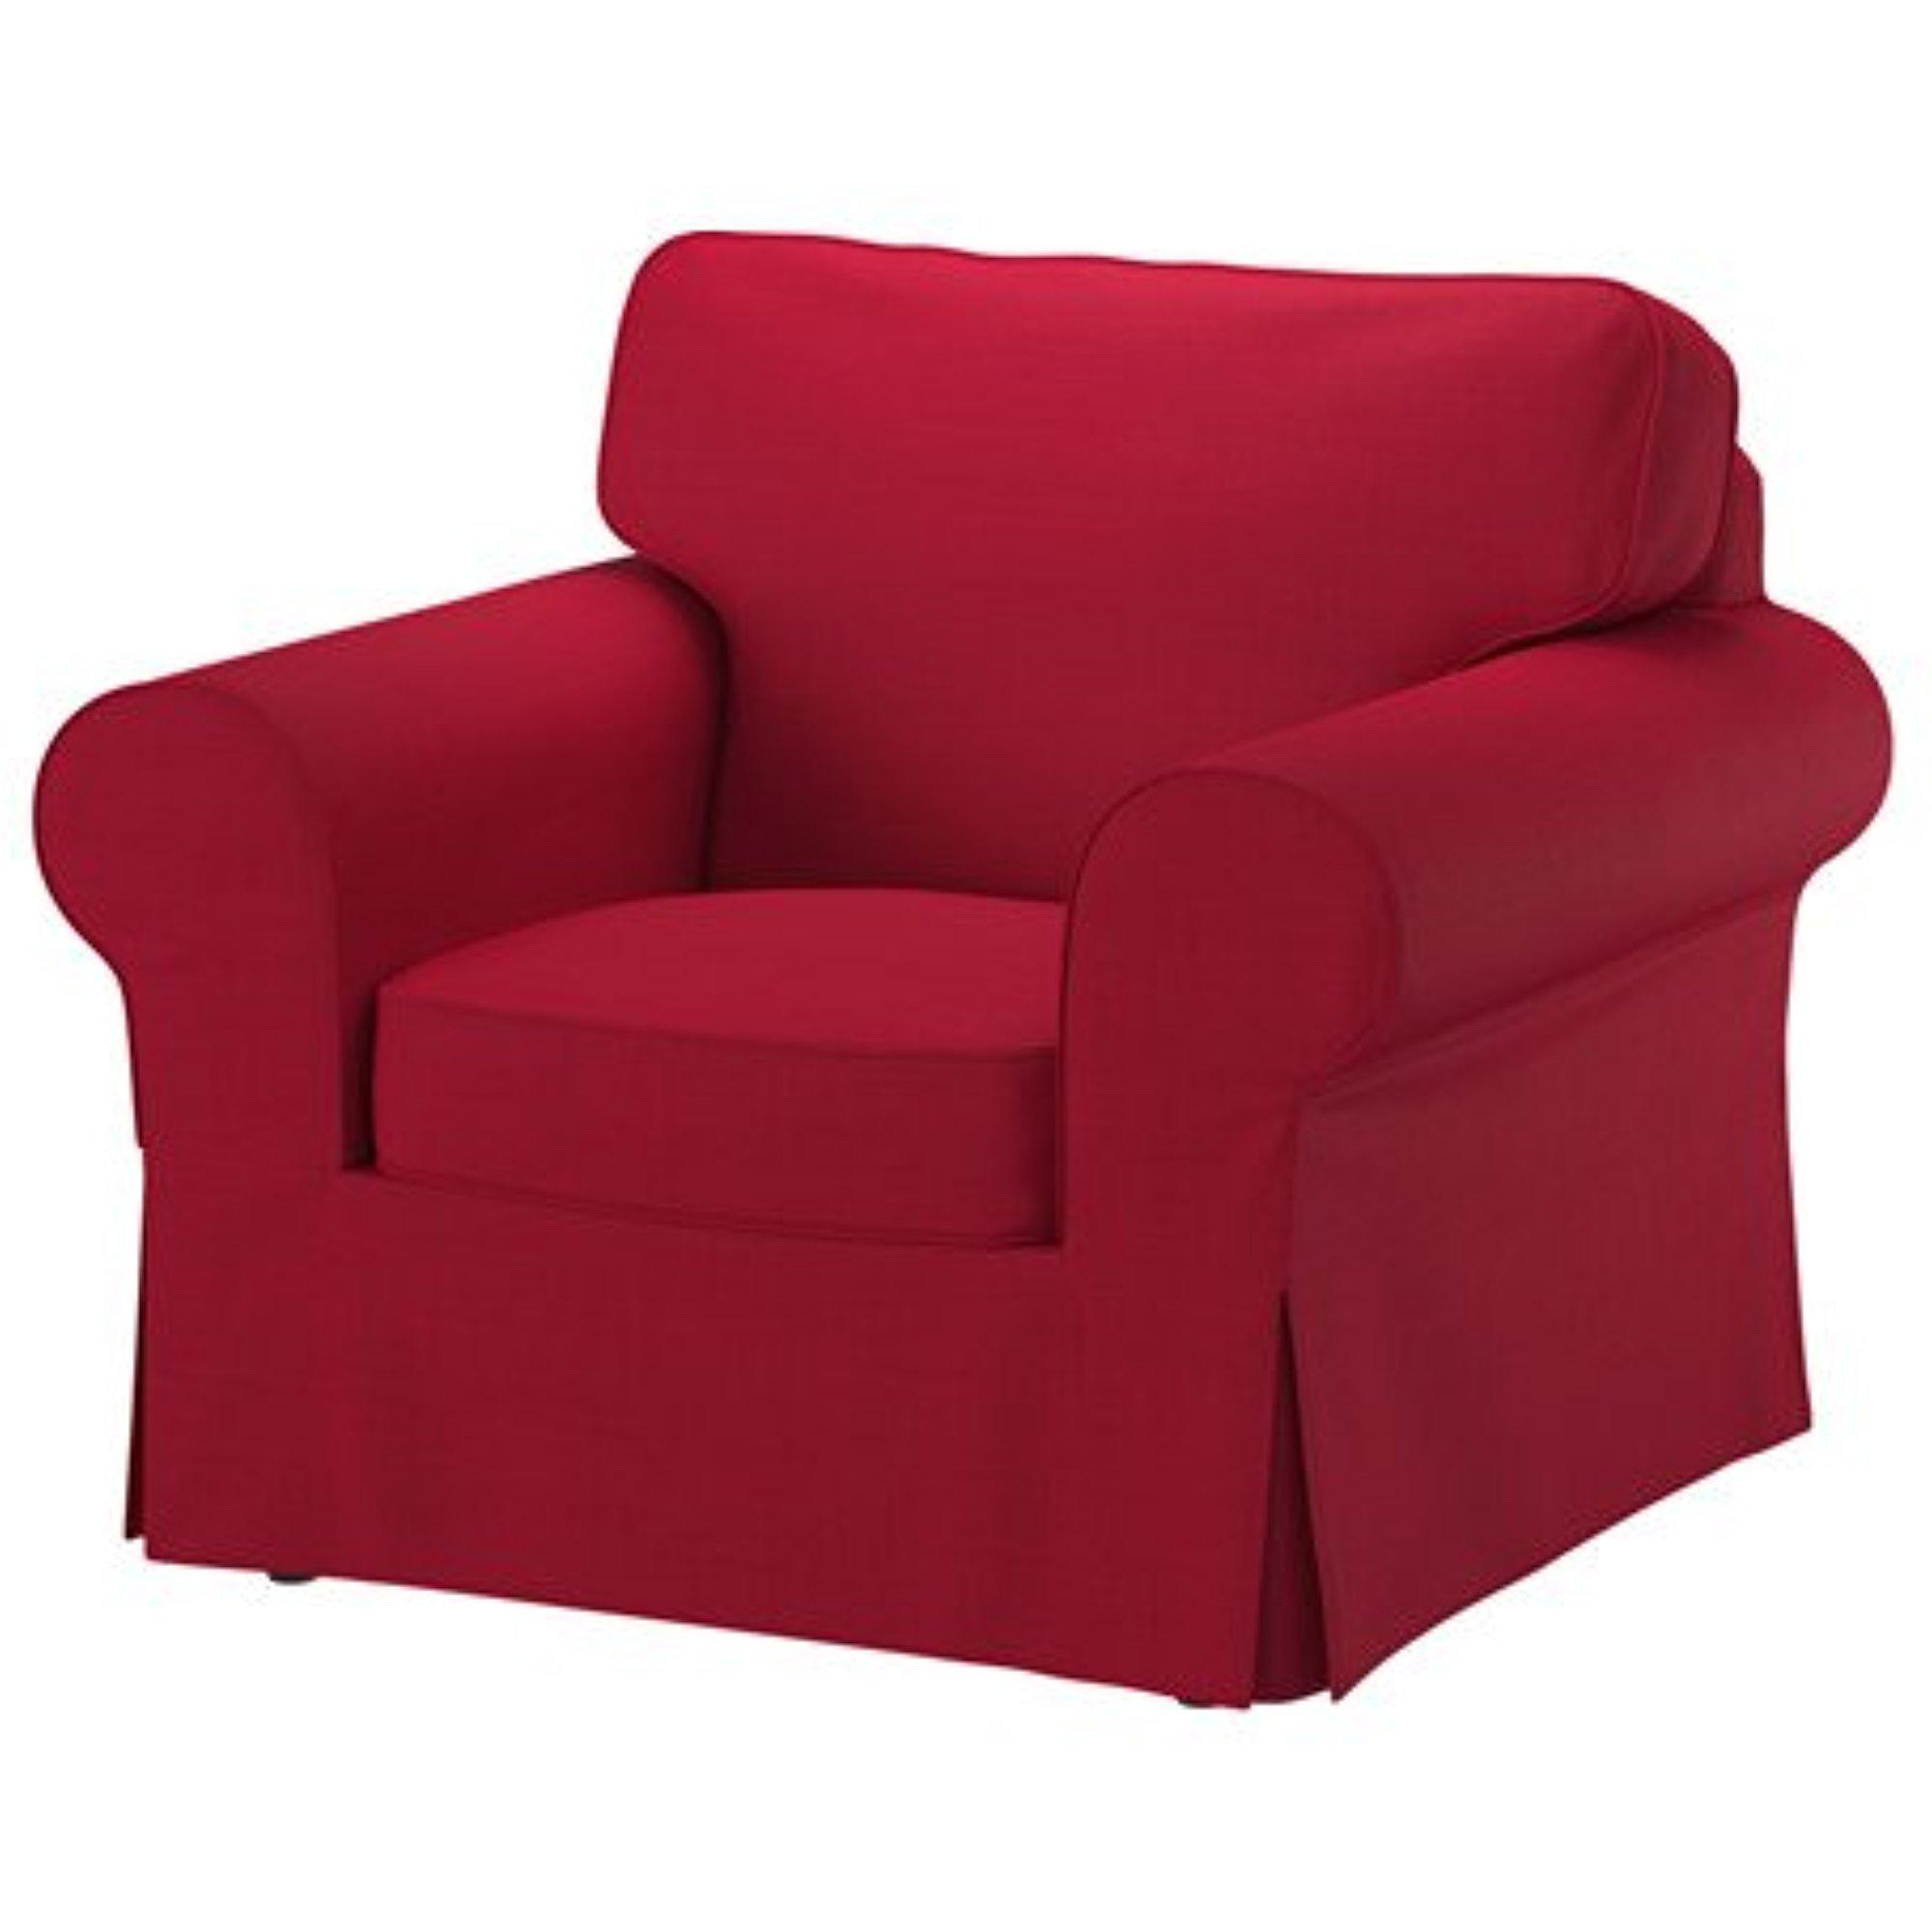 Ikea Chair cover, Nordvalla red 828.888.2238